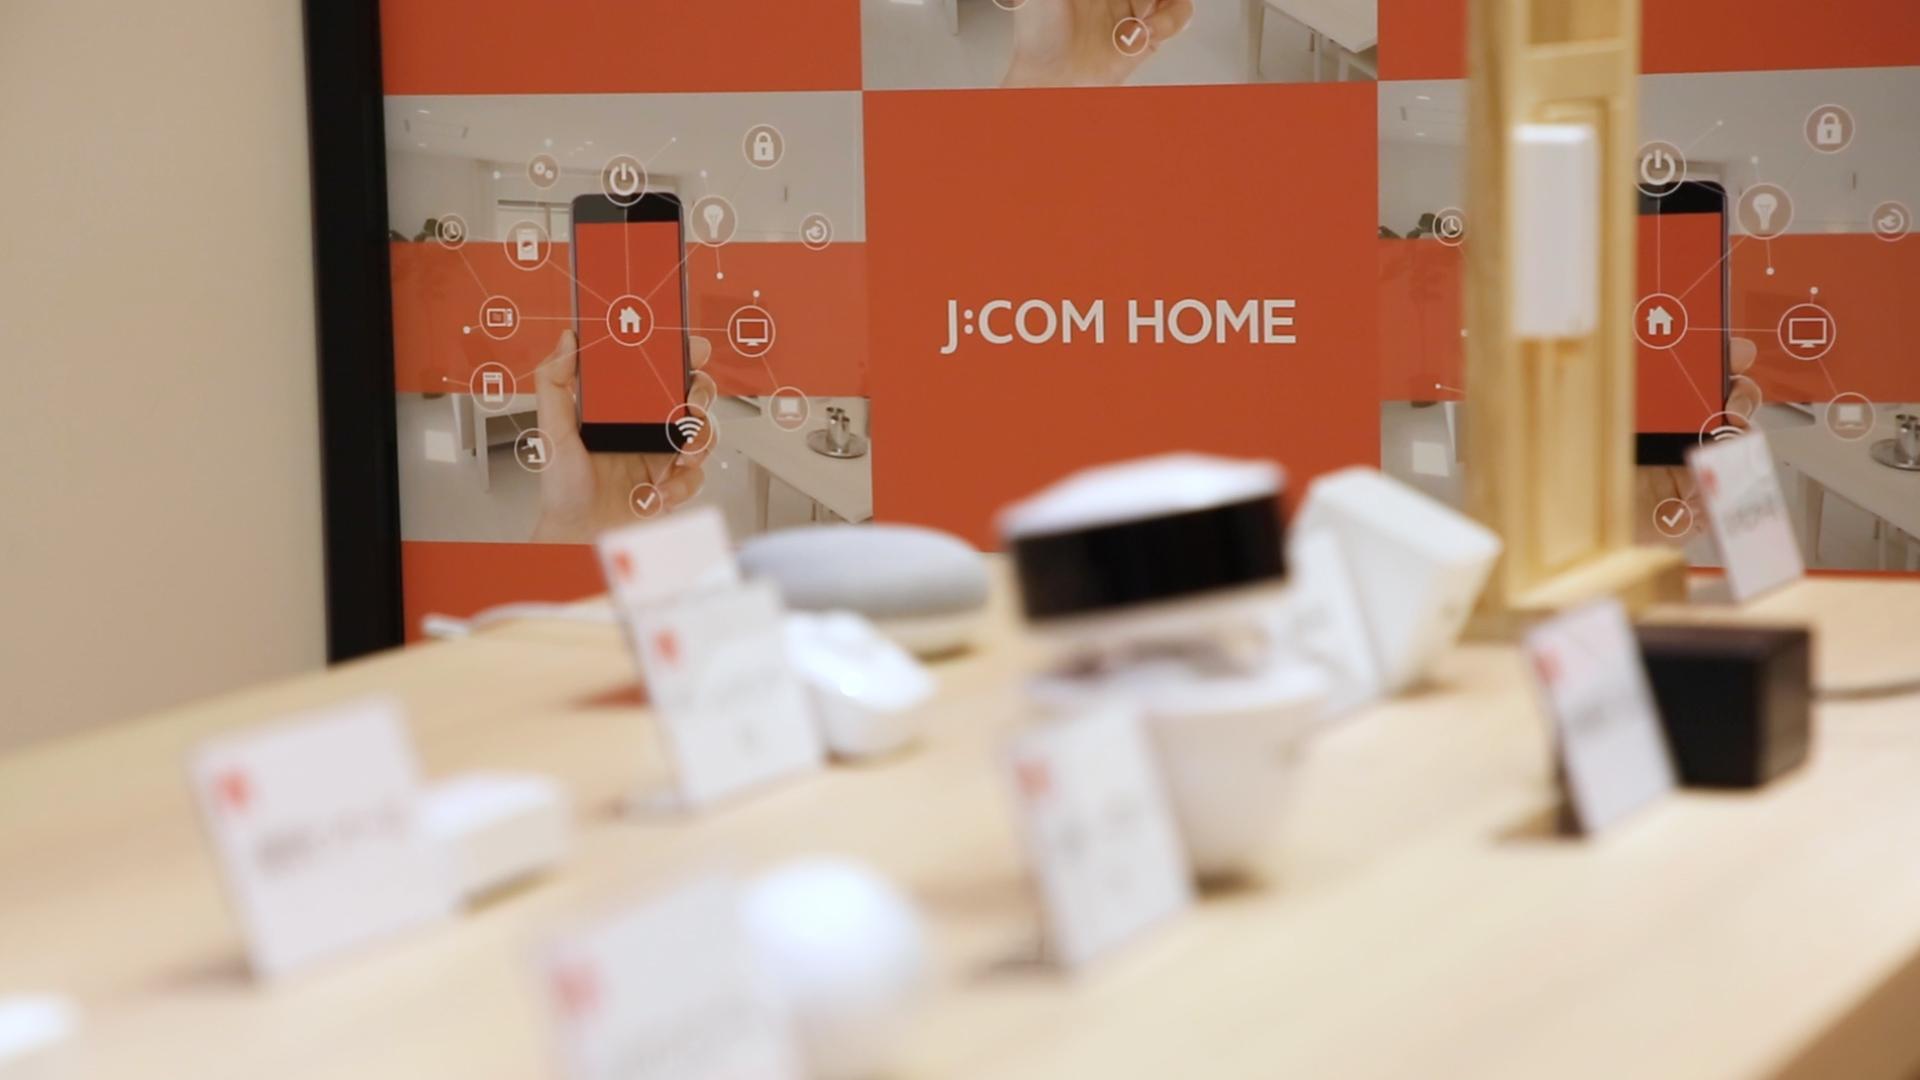 ホームIoTサービス「J:COM HOME」提供開始